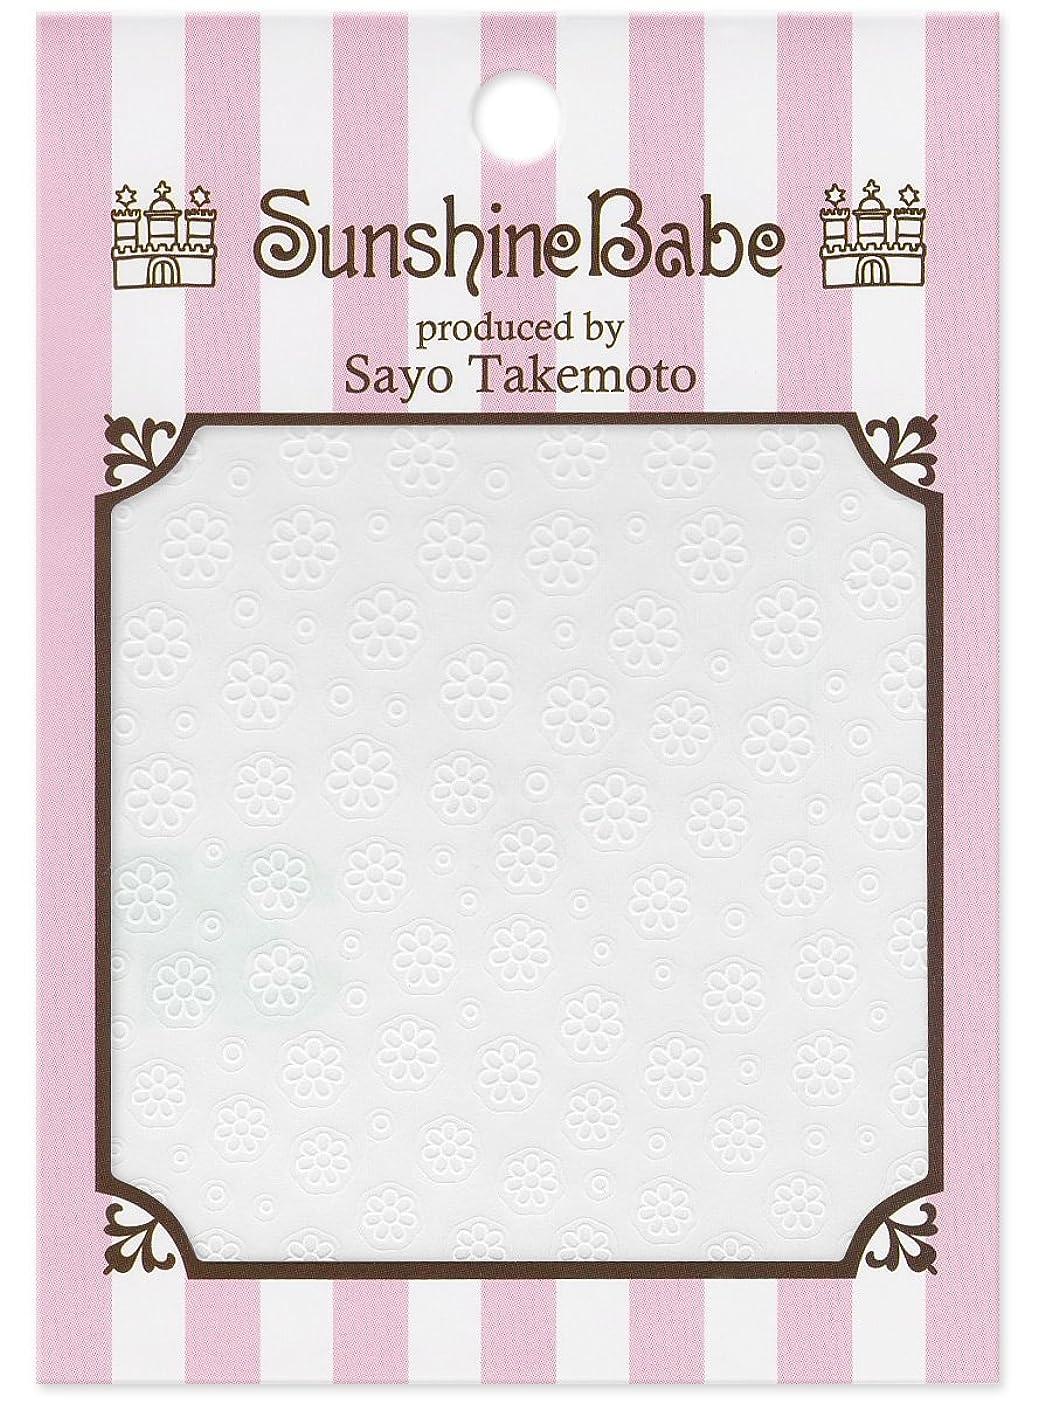 十分ではない重くする悪化させるサンシャインベビー ジェルネイル 武本小夜のネイルシール Sayo Style フラワー ホワイト